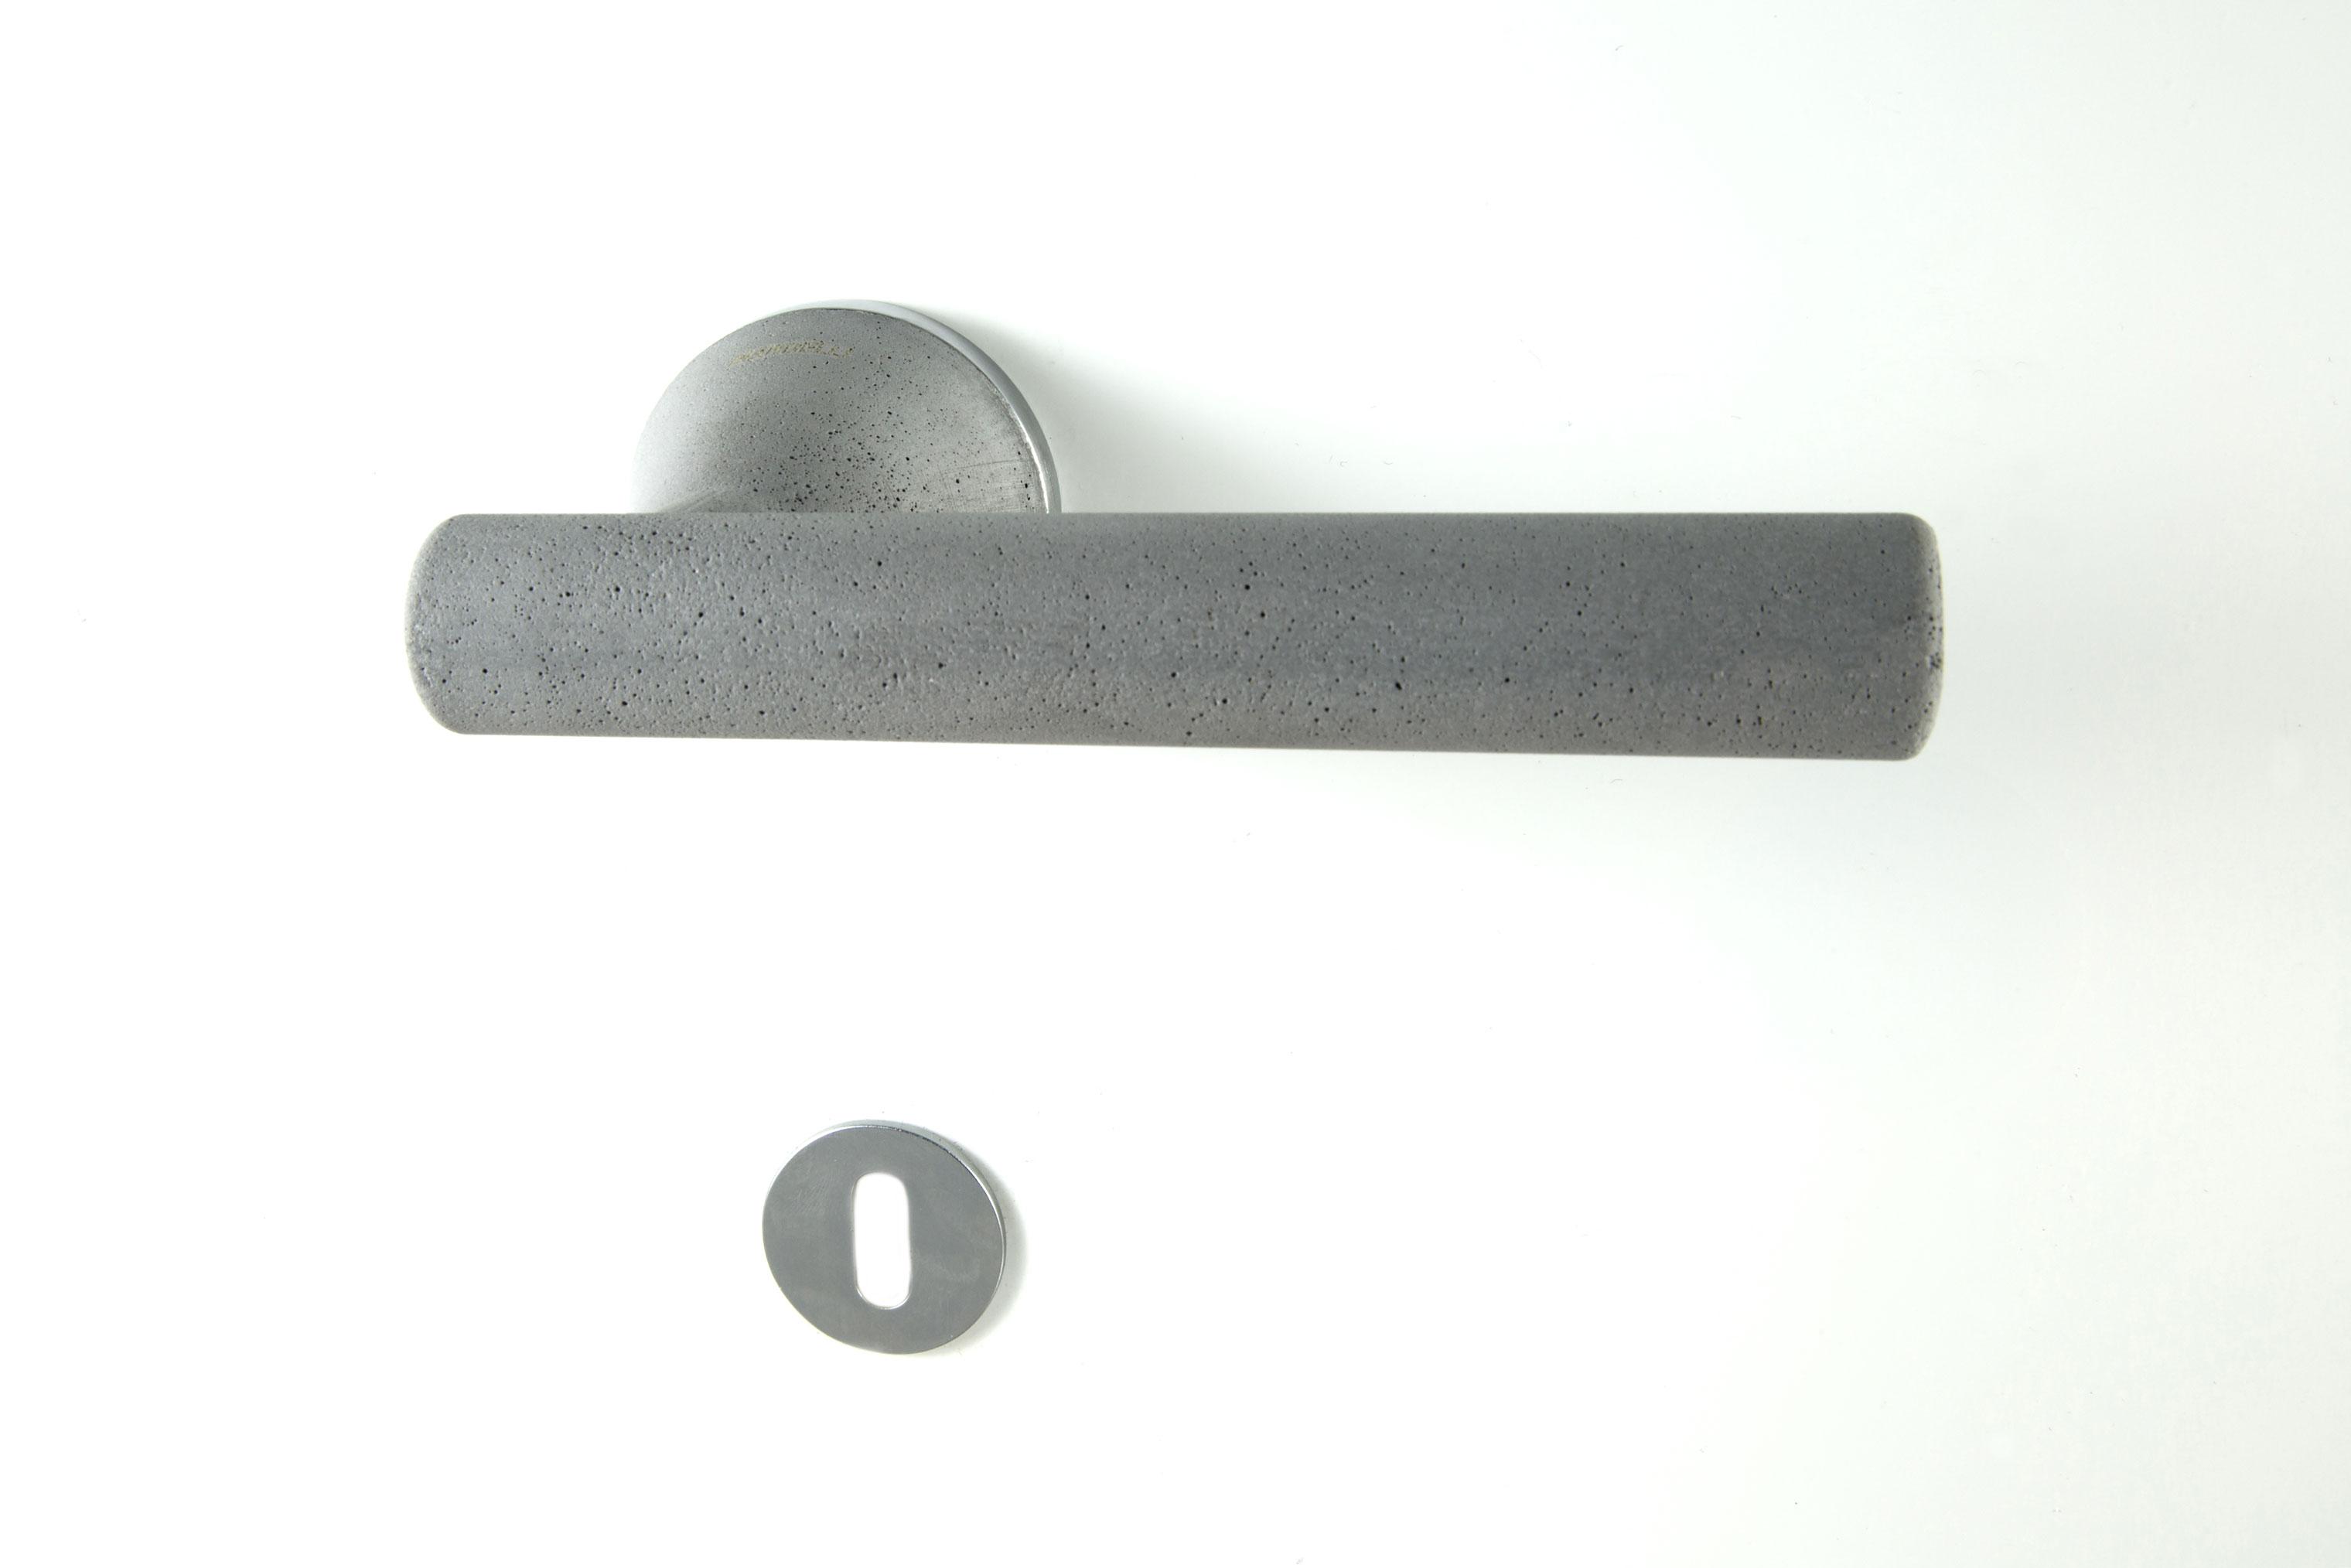 Sfeerimpressie TH5802147 Juno deurkruk op rozet 3.jpg